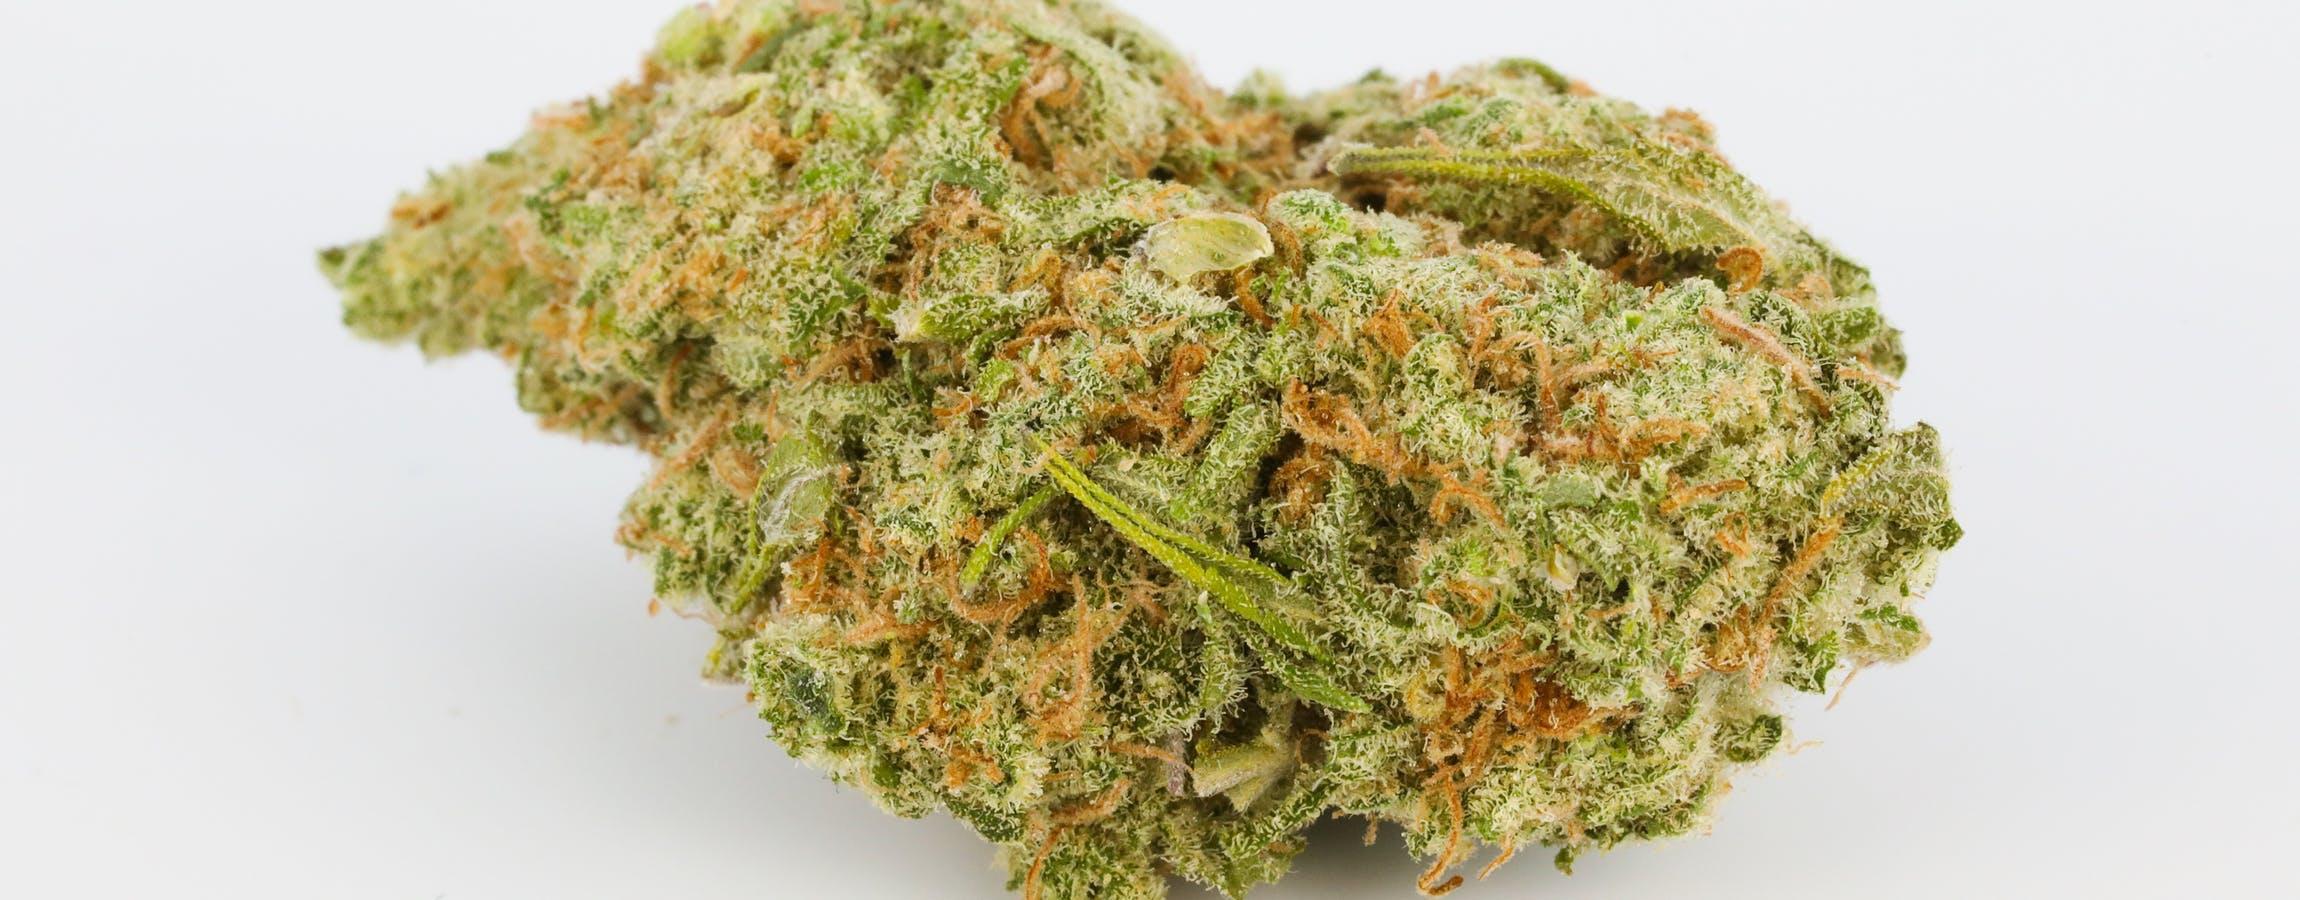 Dutch Treat Weed Strain ; Dutch Treat Cannabis Strain ; Dutch Treat Hybrid Marijuana Strain